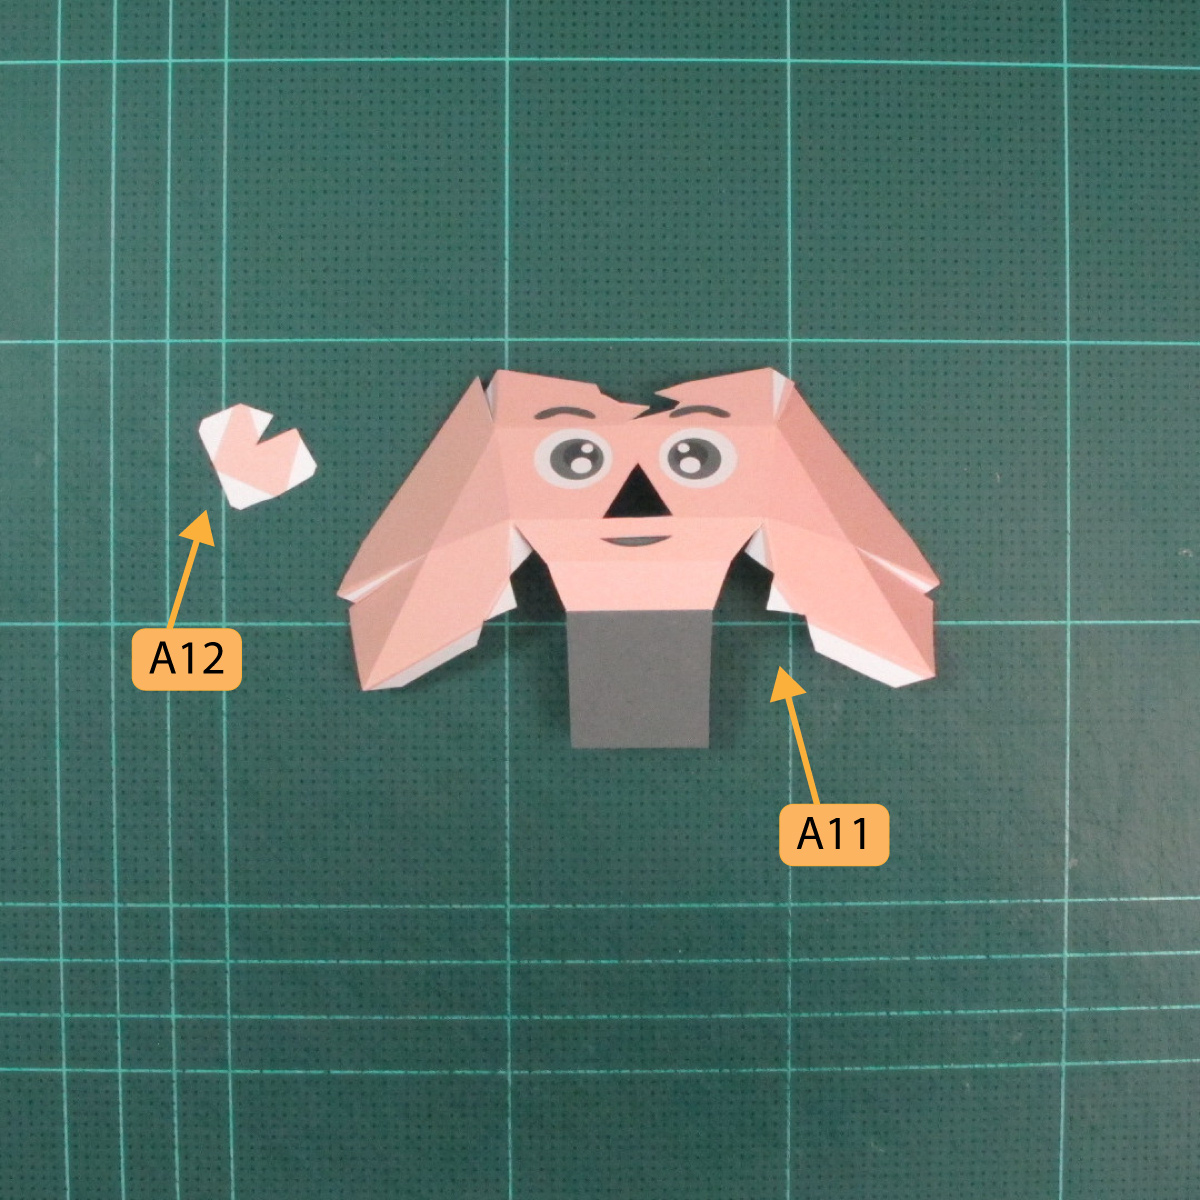 วิธีทำของเล่นโมเดลกระดาษซุปเปอร์แมน (Chibi Superman  Papercraft Model) 001